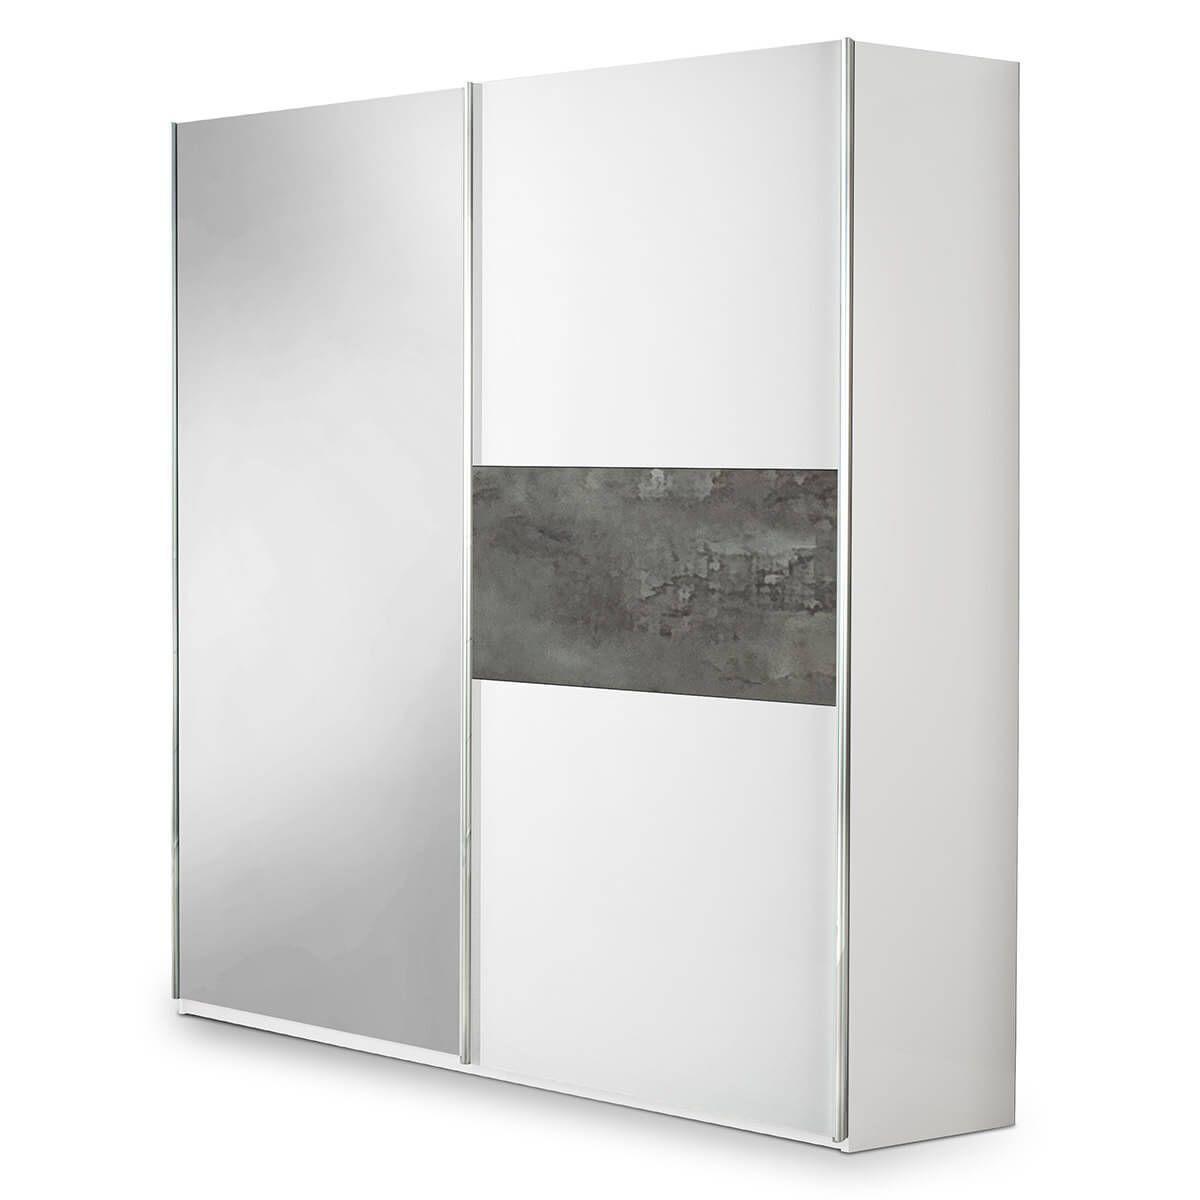 Altobuy IZIA GRISE - Armoire 2 Portes Coulissantes avec Miroir